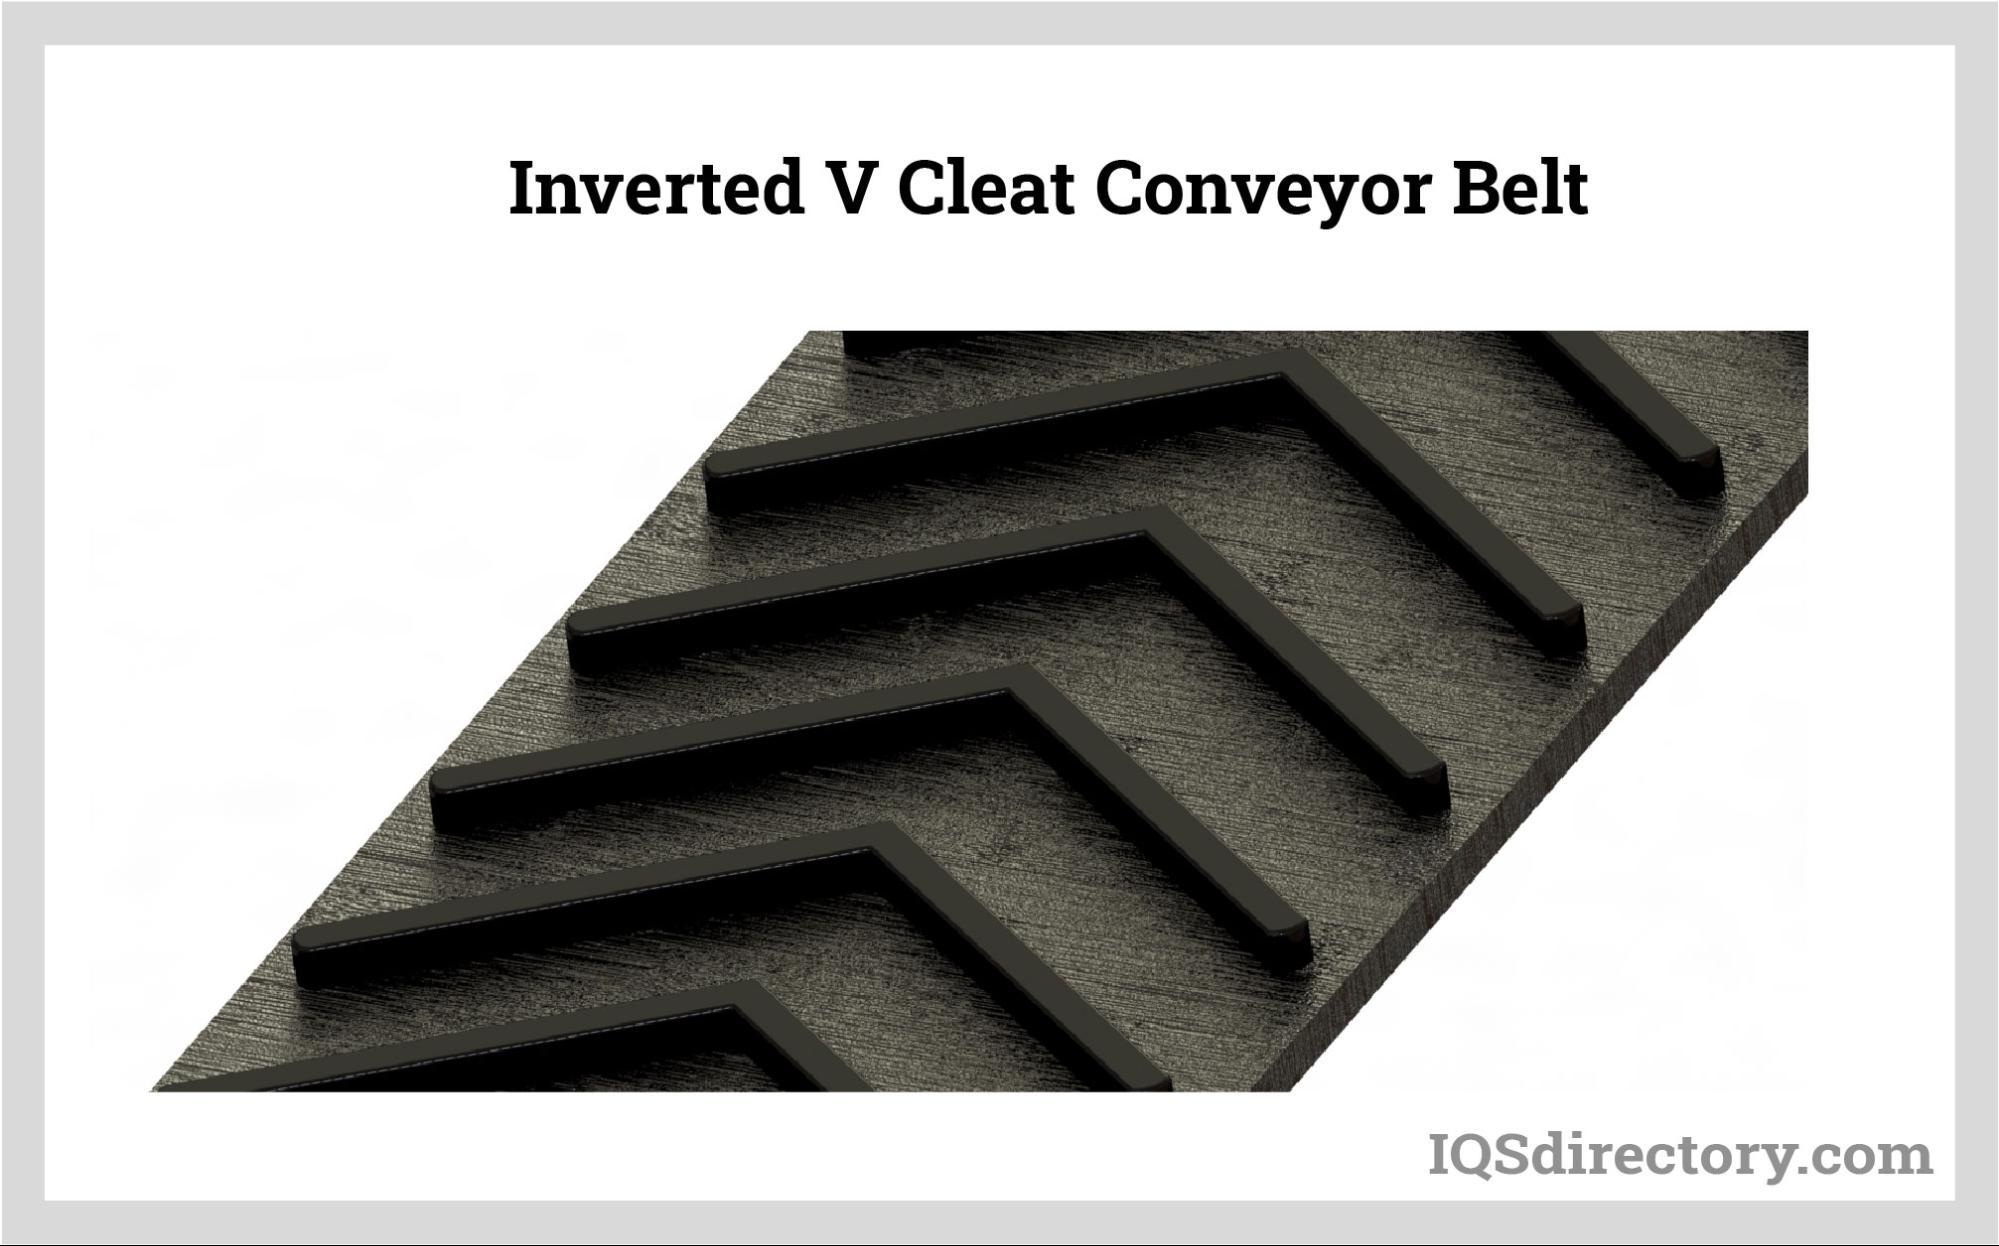 Inverted V Cleat Conveyor Belt